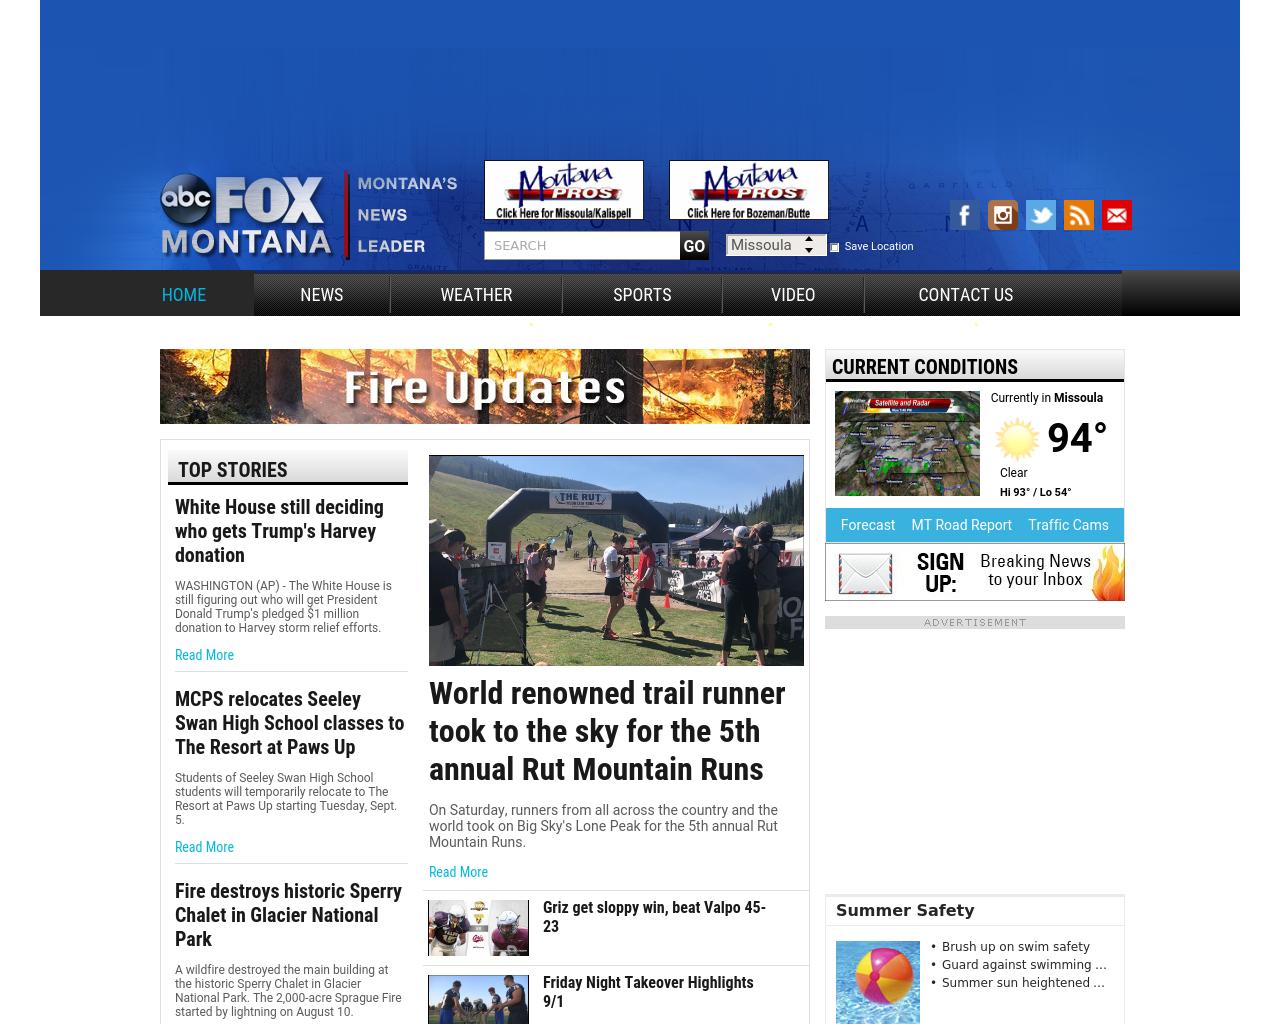 Abc-fox-montana-Advertising-Reviews-Pricing